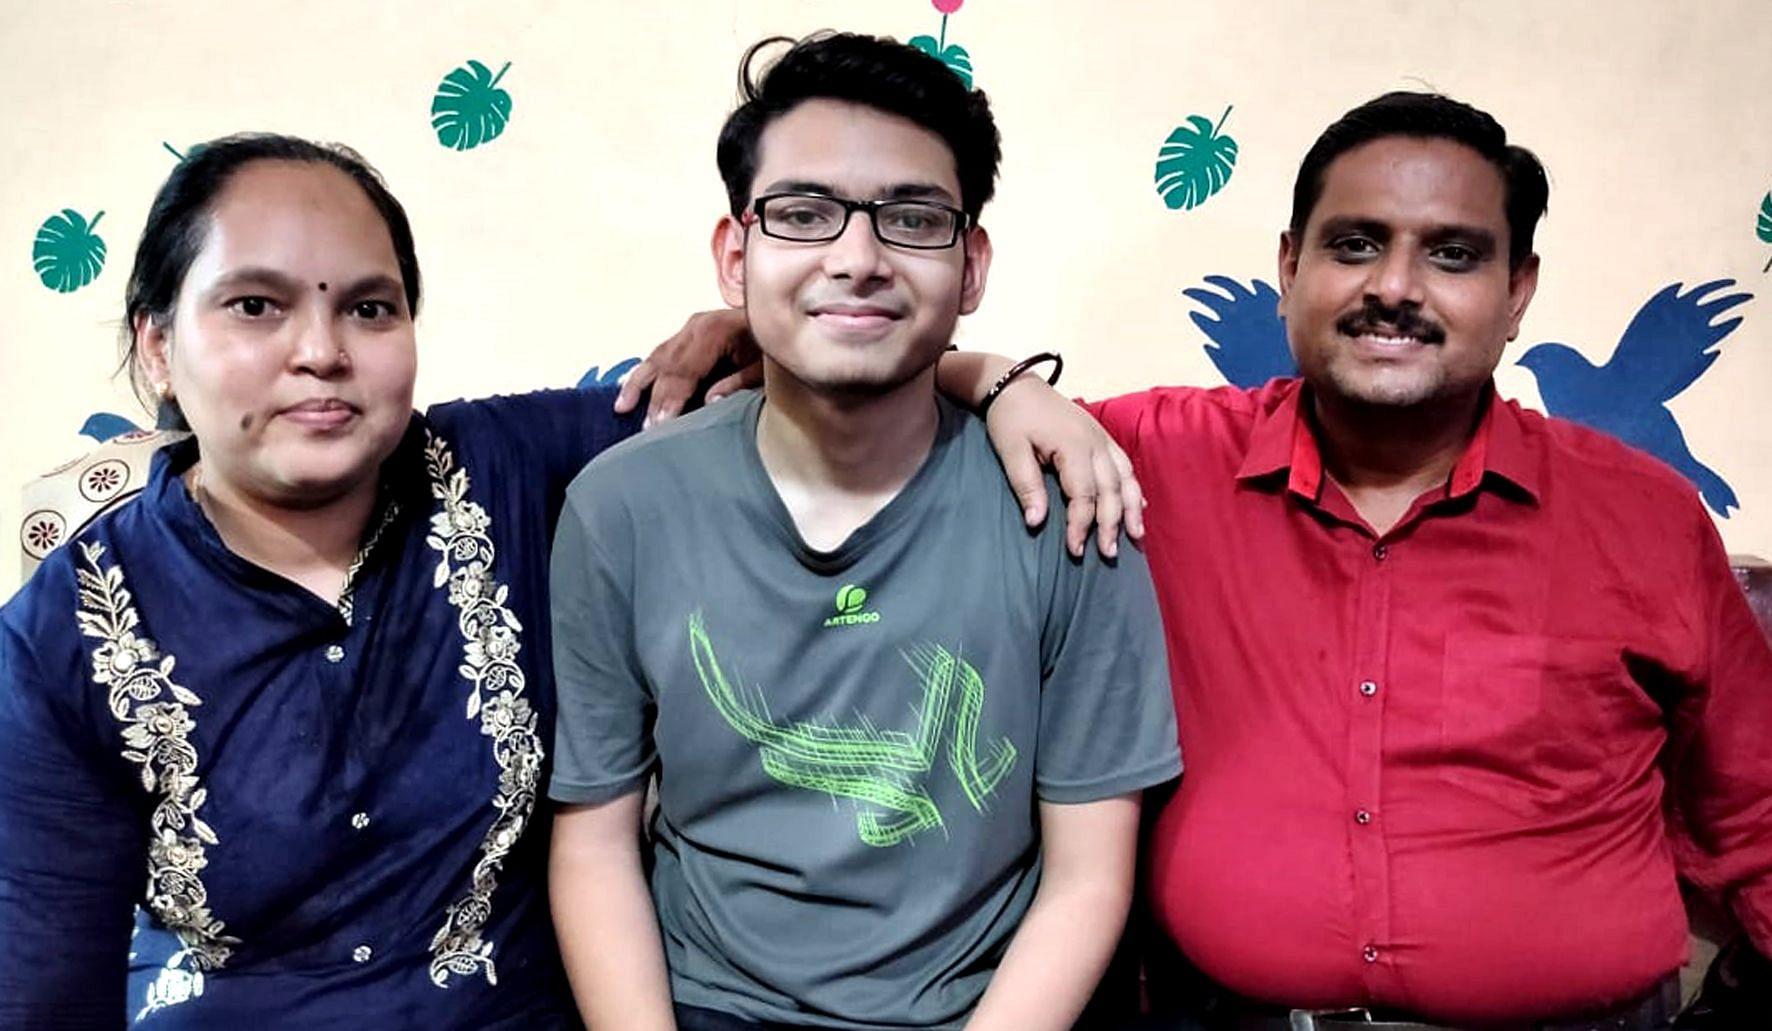 छात्र अश्वनी कुमार माता-पिता के साथ।